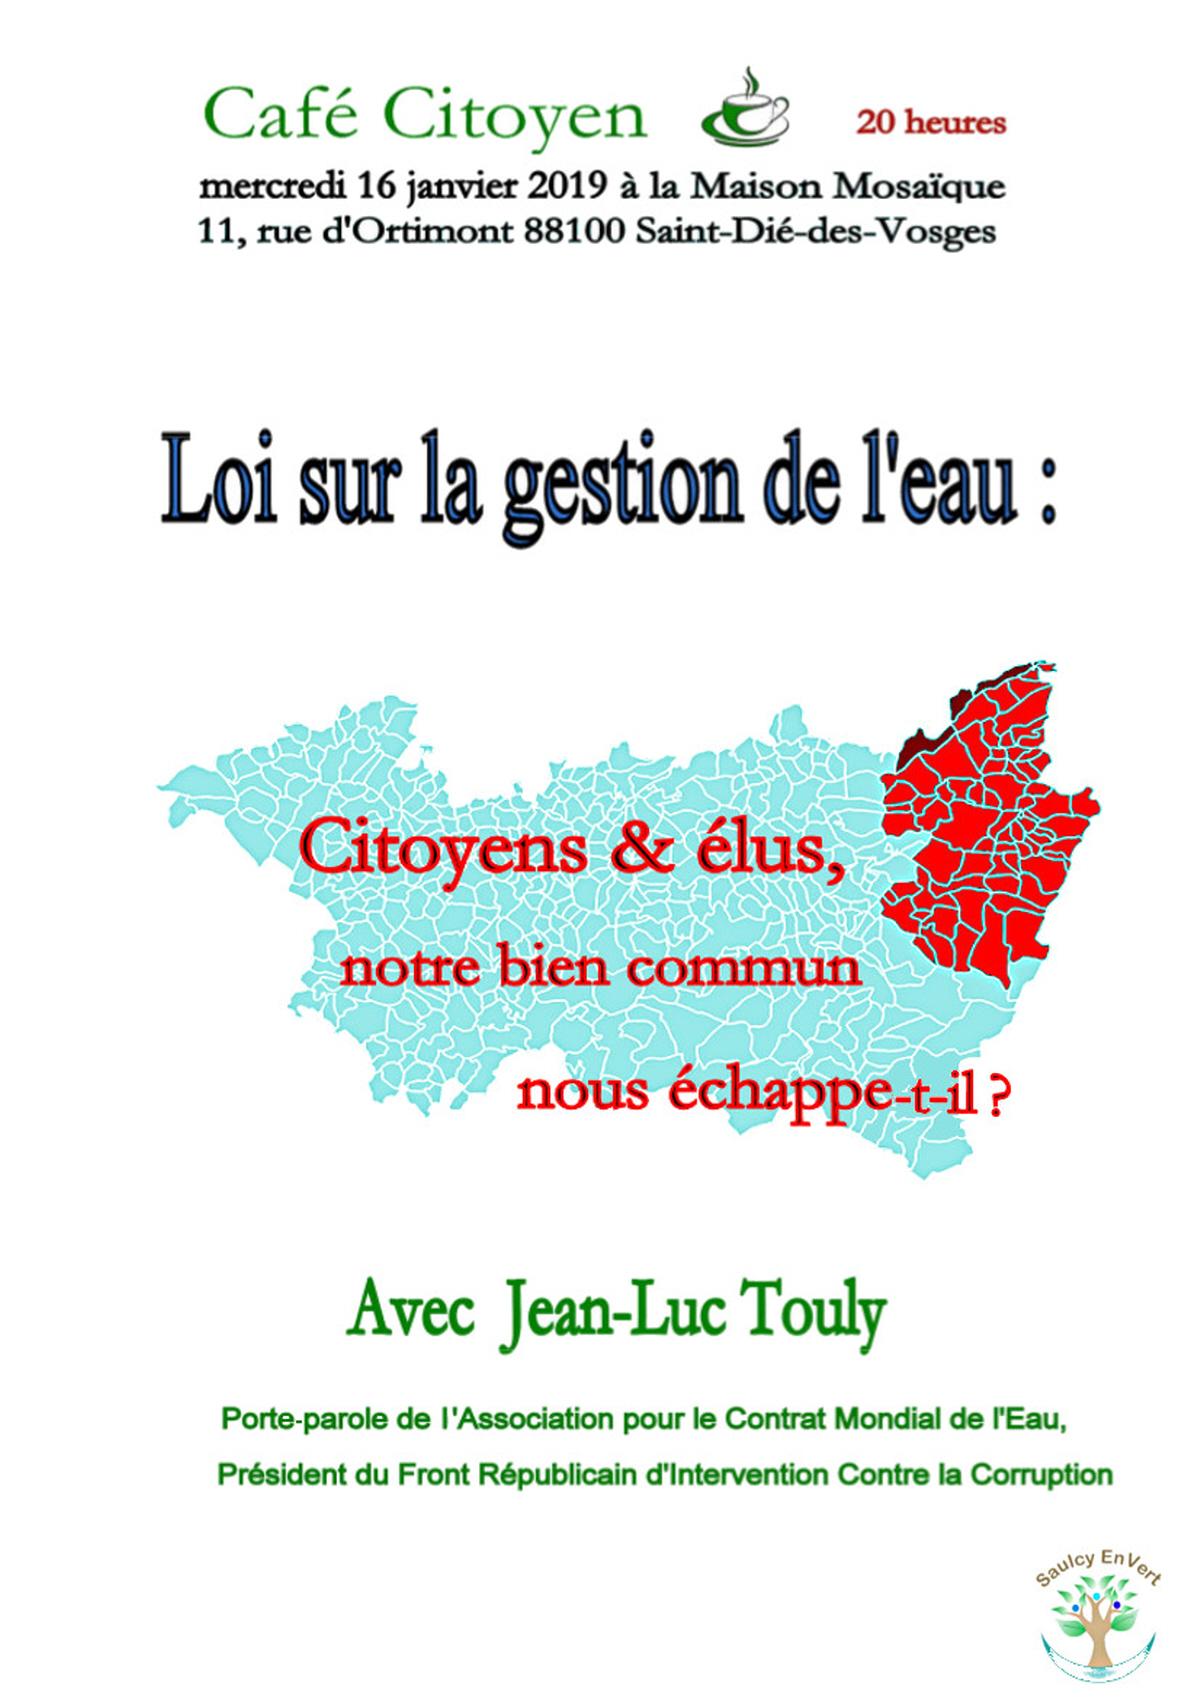 RENCONTRE - DÉBAT  «Loi sur la gestion de l'eau : notre bien commun nous échappe-t-il ?» le 16/01/2019 à 20h00 Maison Mosaïque : 11, rue d'Ortimont Saint-Dié-des-Vosges